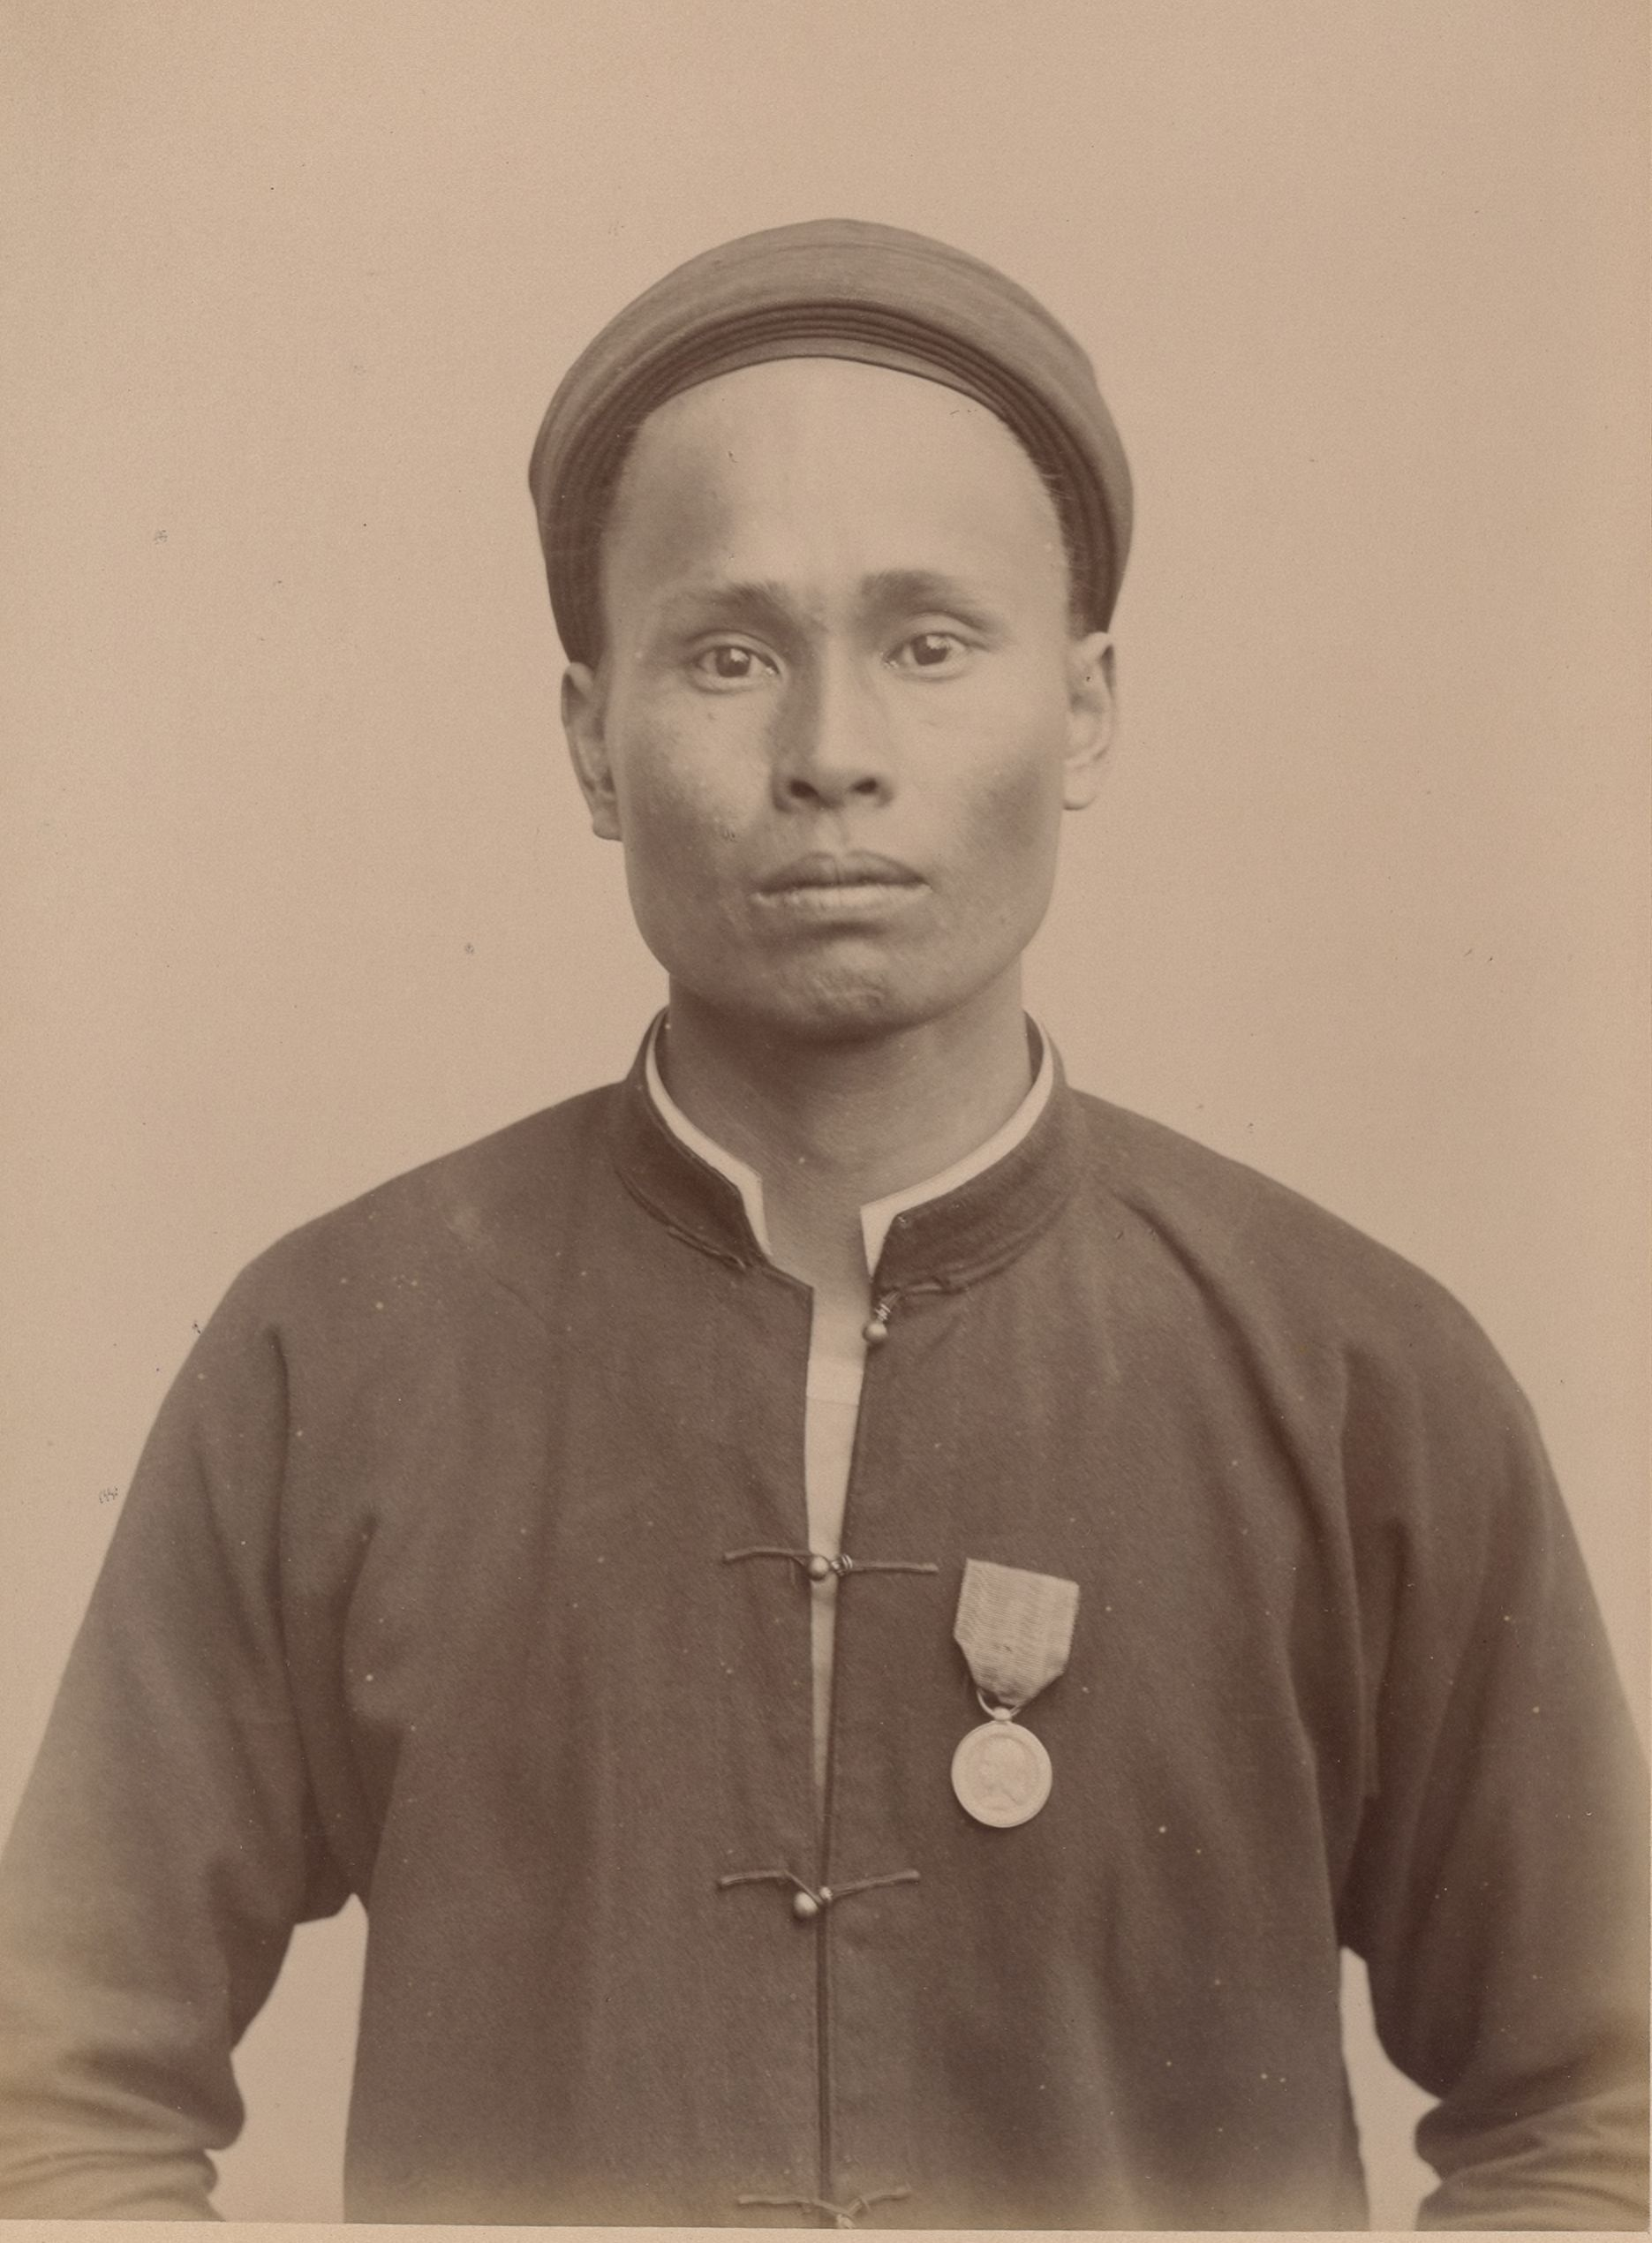 Лоа, 28 лет, родился в Сайгоне (анфас)